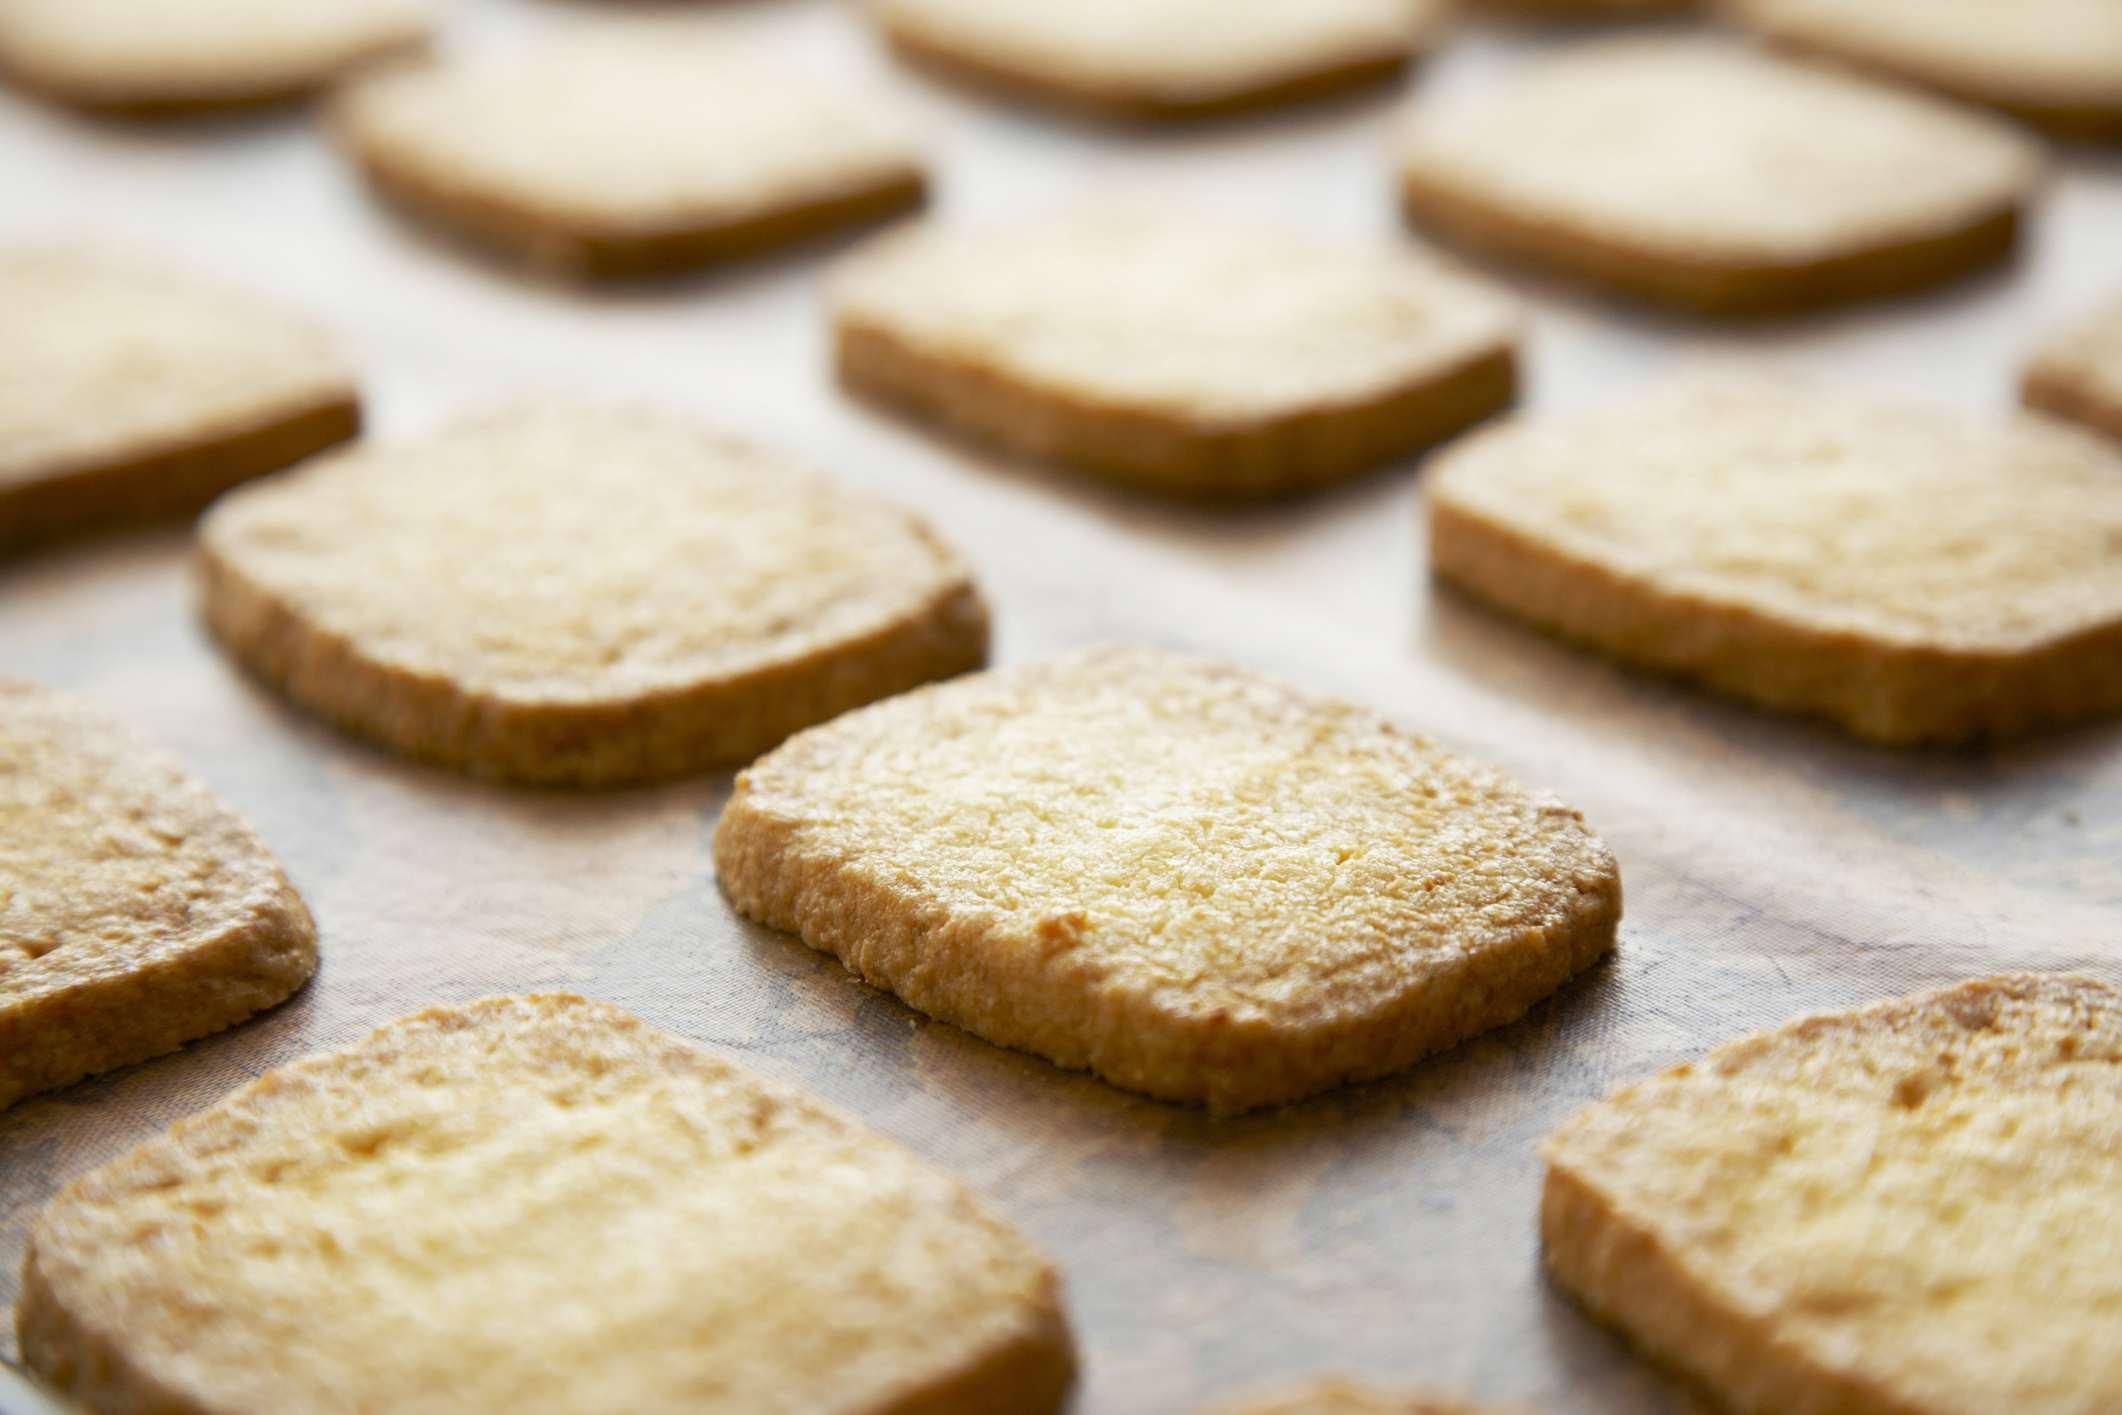 A plate of kinako cookies